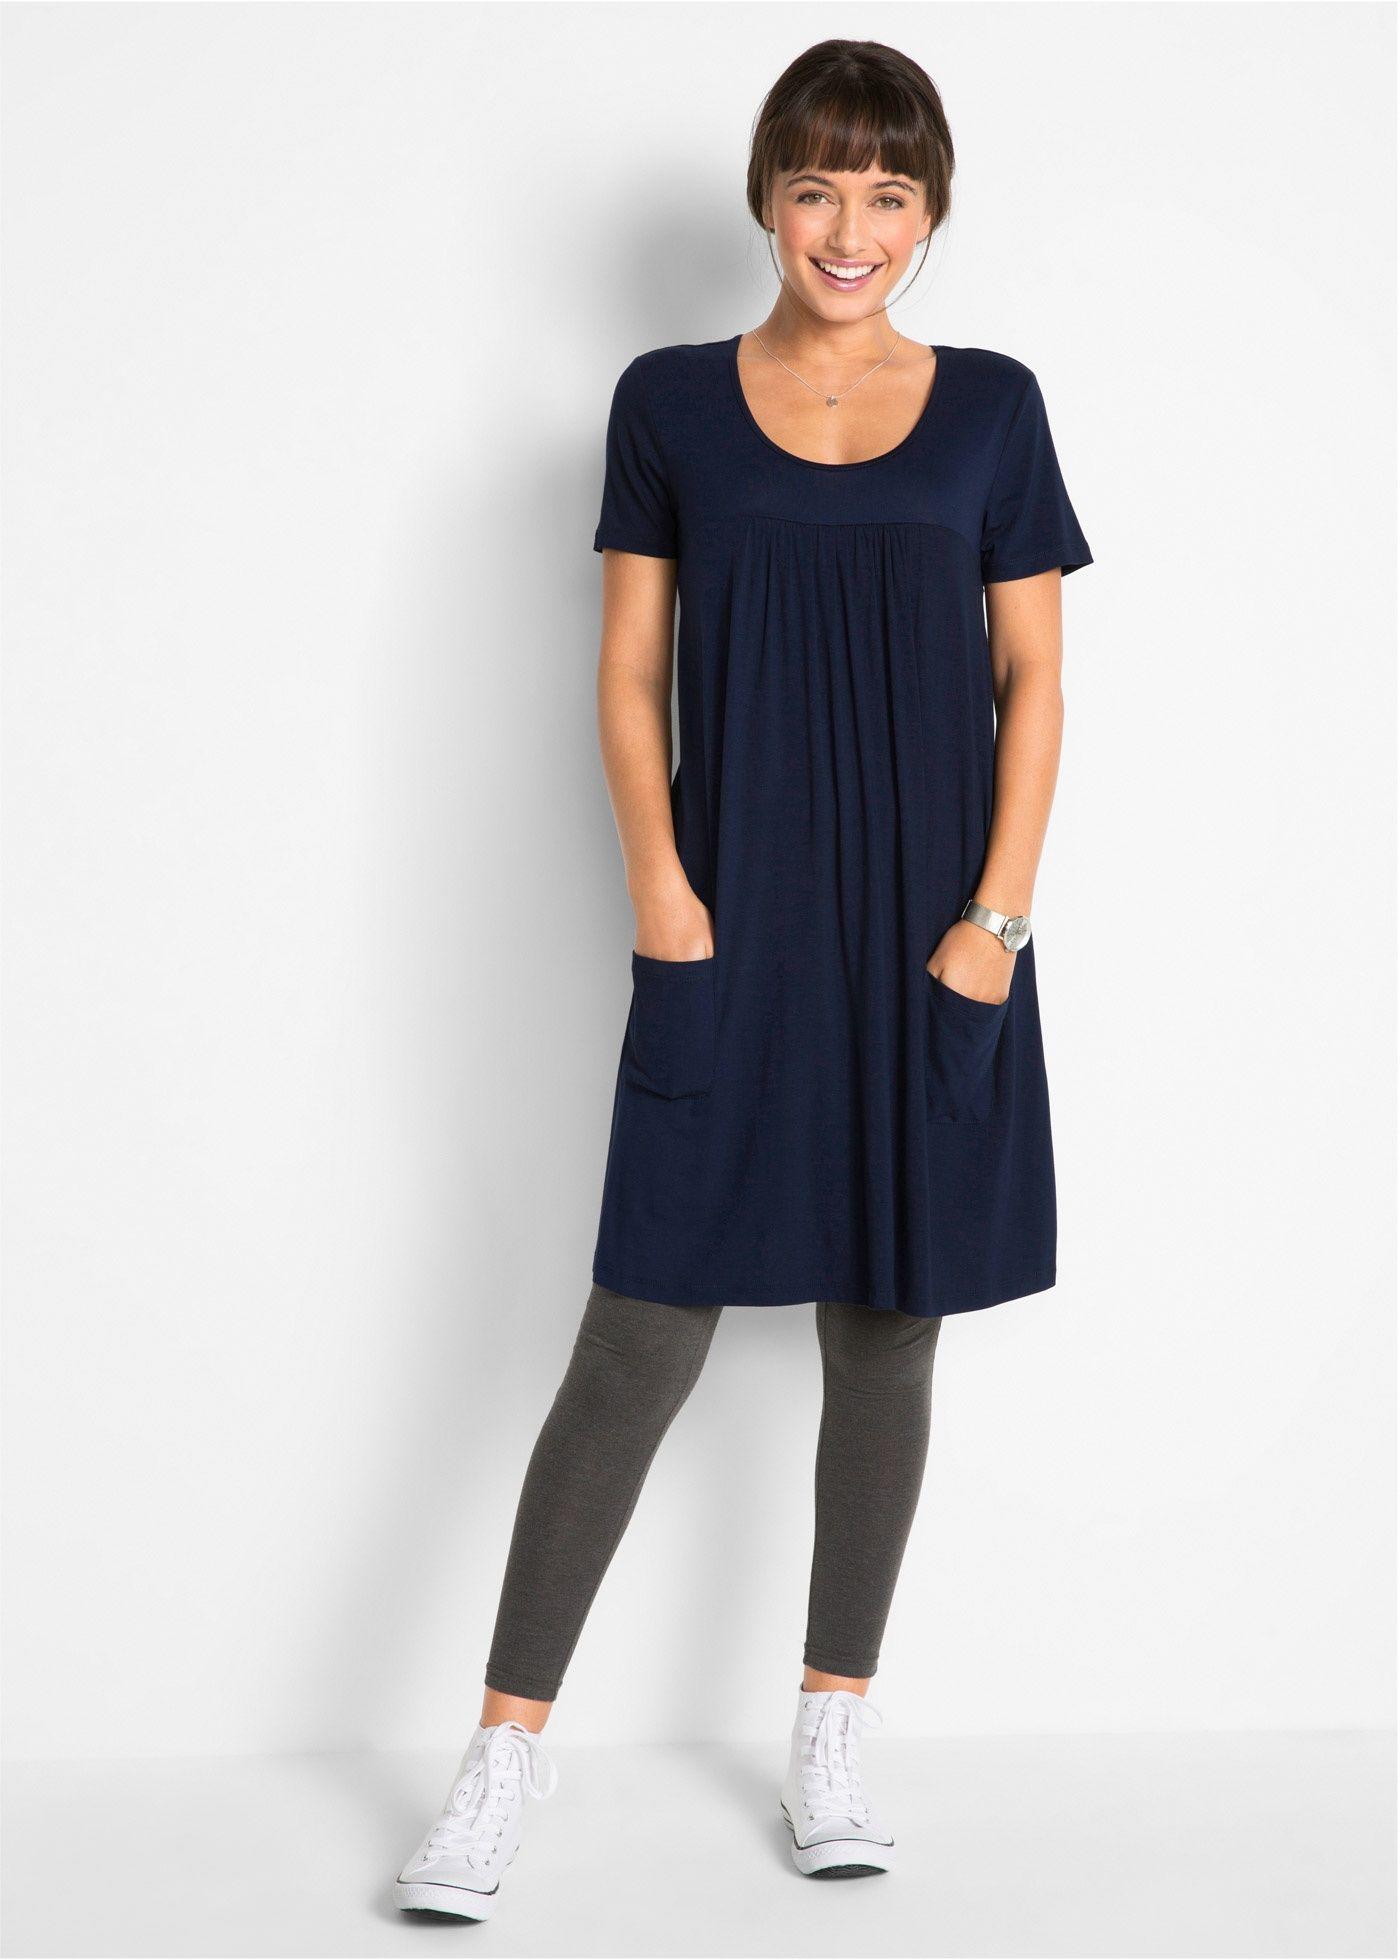 fea05026ff4 Посмотретьпрямо сейчас  Очаровательное трикотажное платье-блузон марки bpc  наверняка станет вашей любимой вещью в летнем гардеробе.